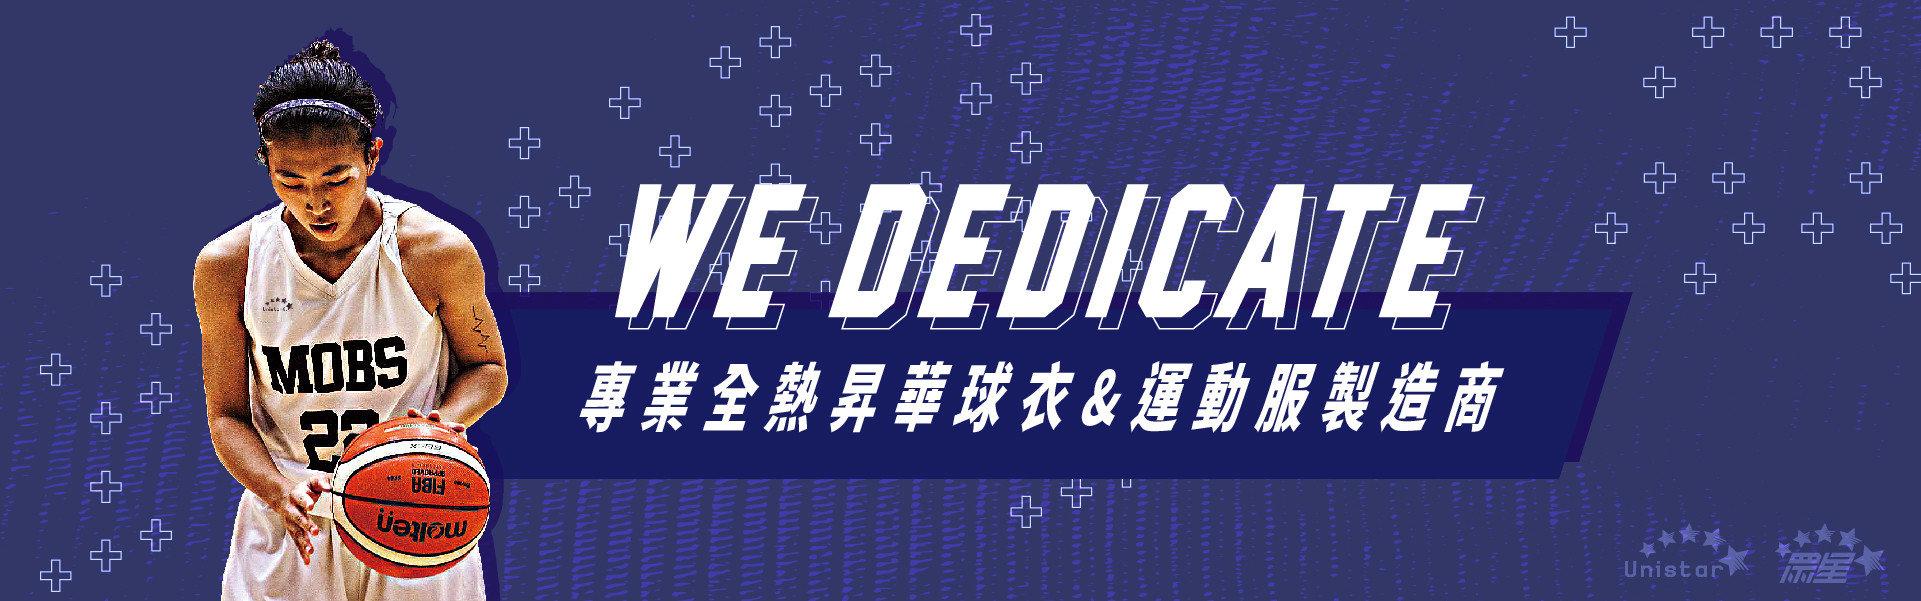 眾星實業We-Dedicate